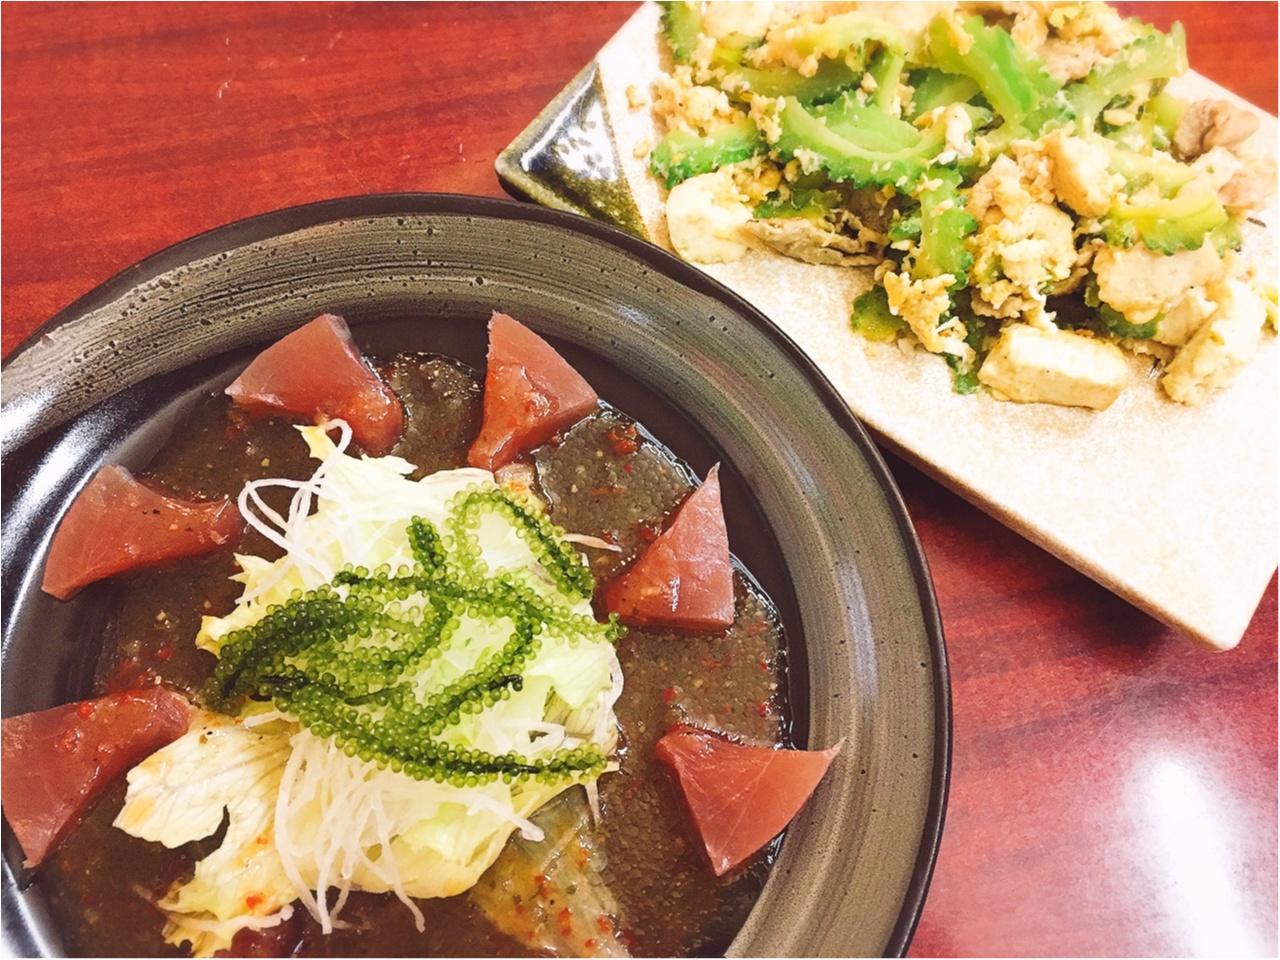 《沖縄旅行》沖縄に行ったら絶対に食べたい!絶品沖縄グルメ!!_4